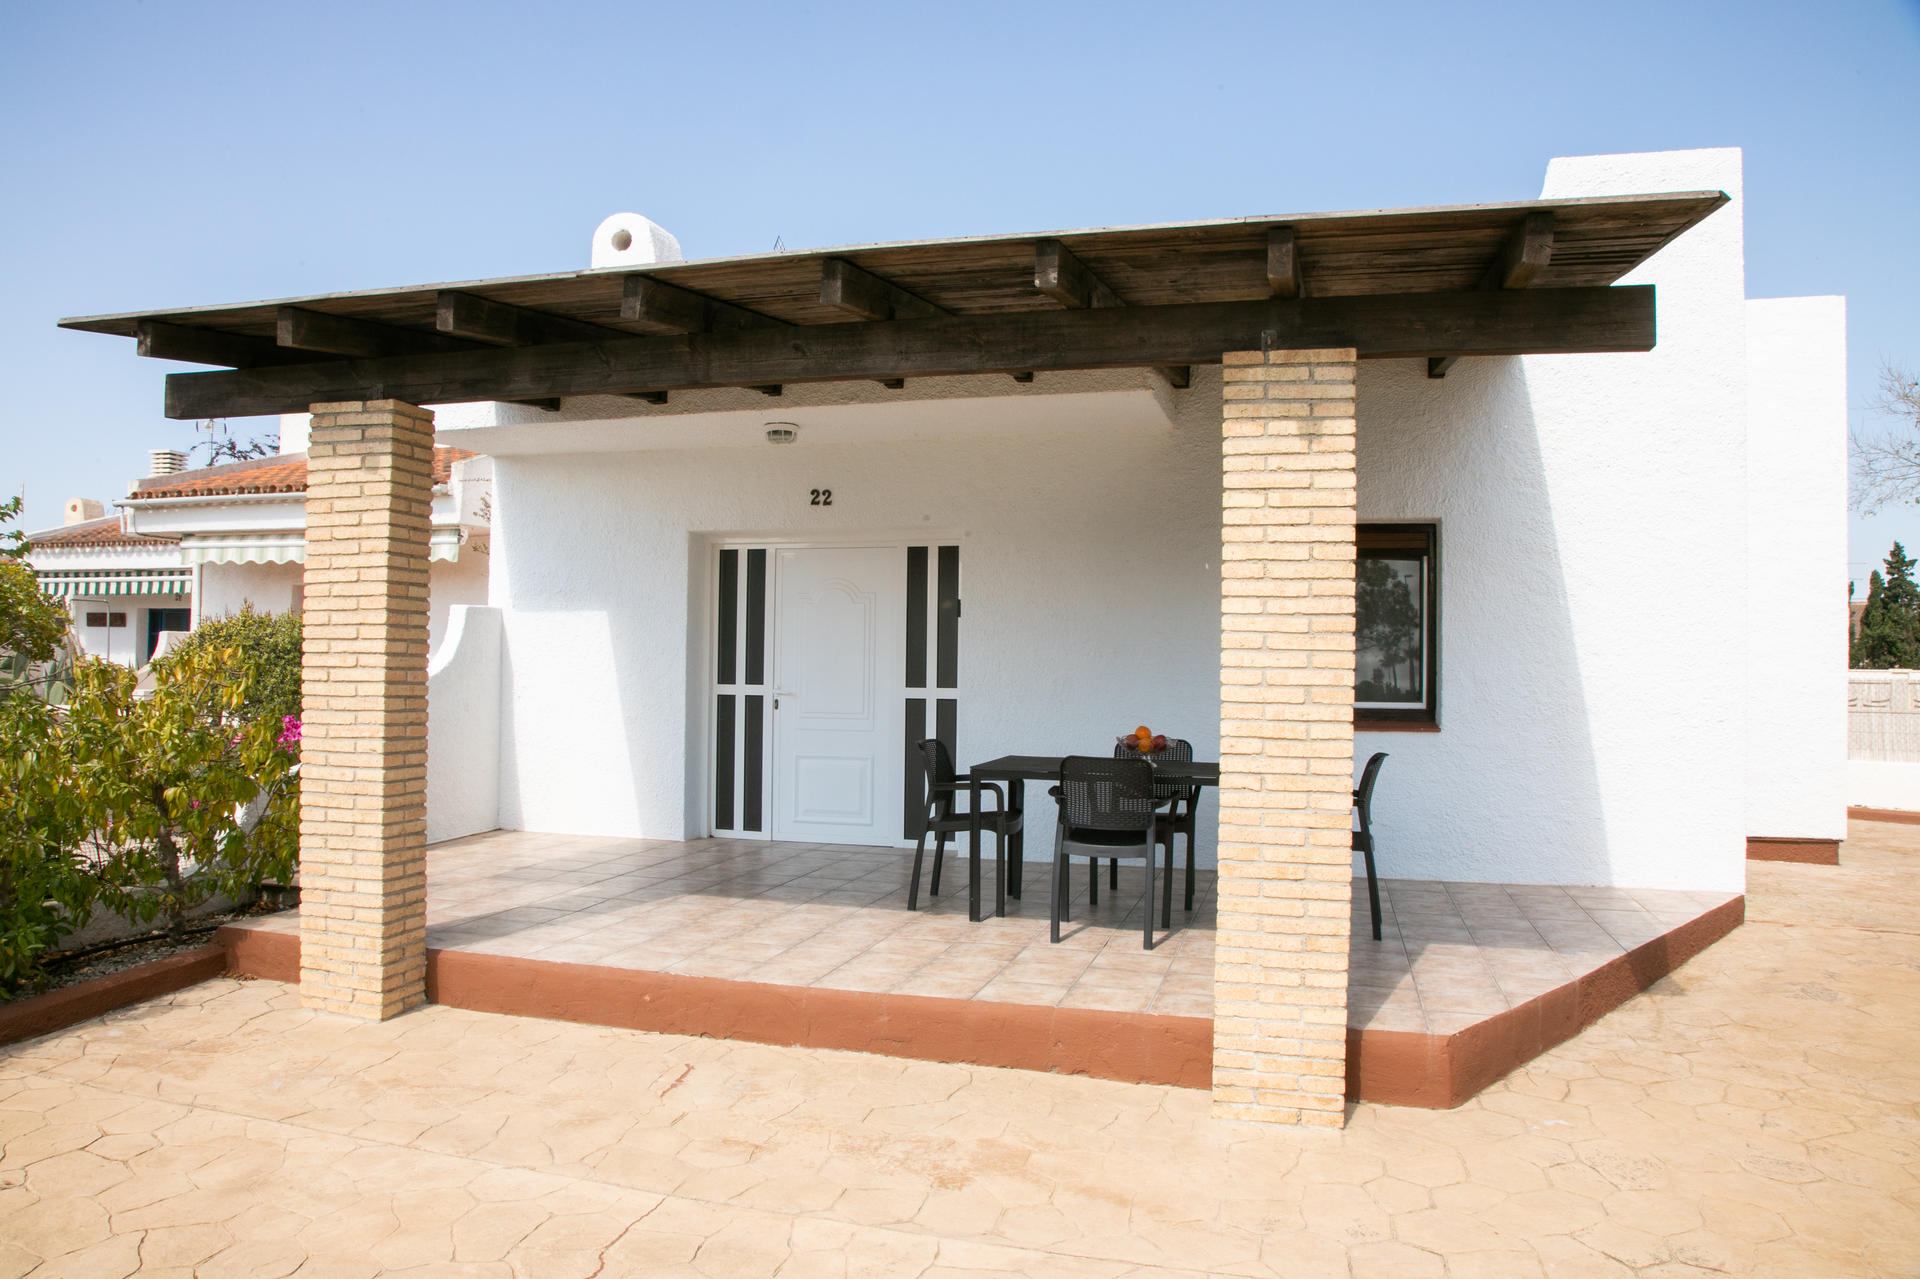 Casa adosada -                                       Riumar -                                       2 dormitorios -                                       4 ocupantes